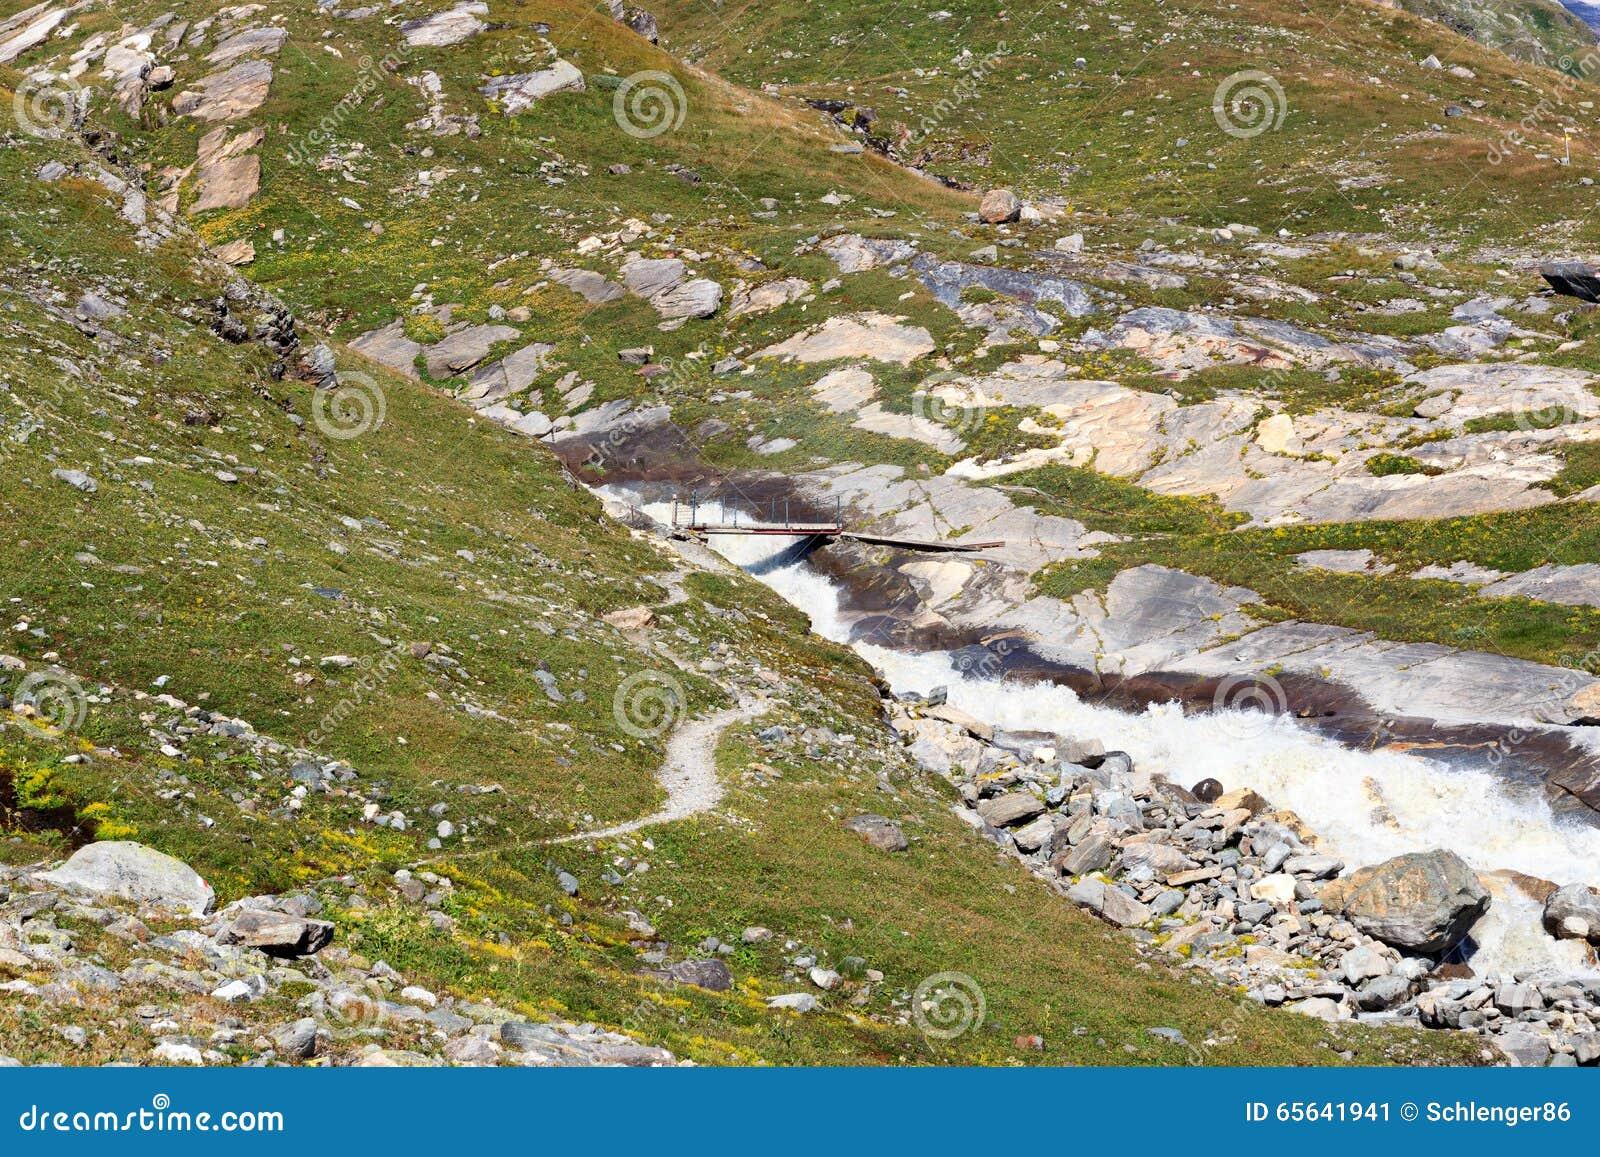 Courant de montagne, sentier piéton et pont rapides, Alpes de Hohe Tauern, Autriche